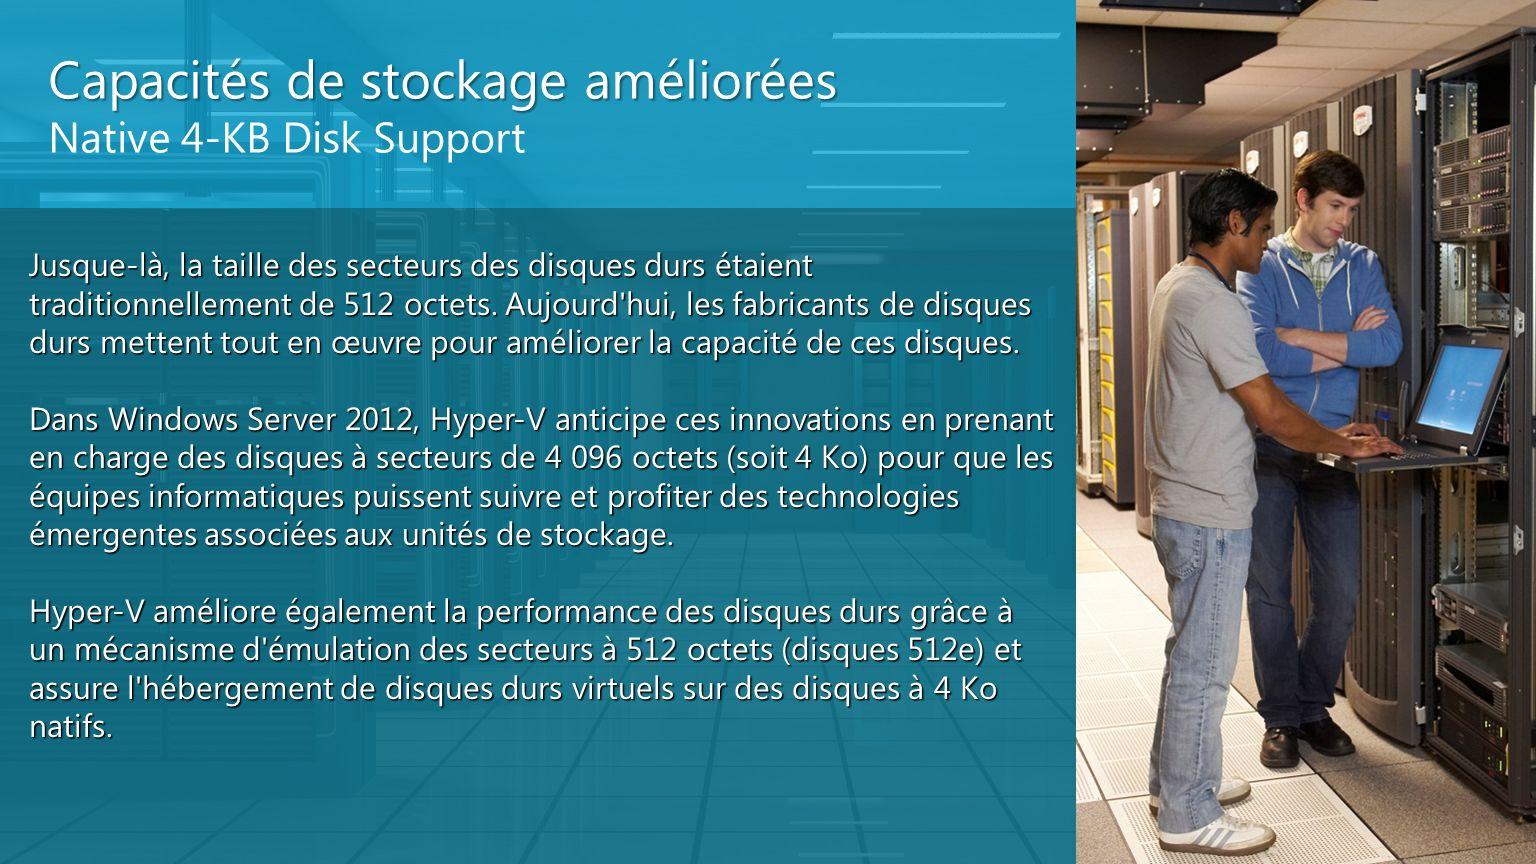 Capacités de stockage améliorées Native 4-KB Disk Support Jusque-là, la taille des secteurs des disques durs étaient traditionnellement de 512 octets.